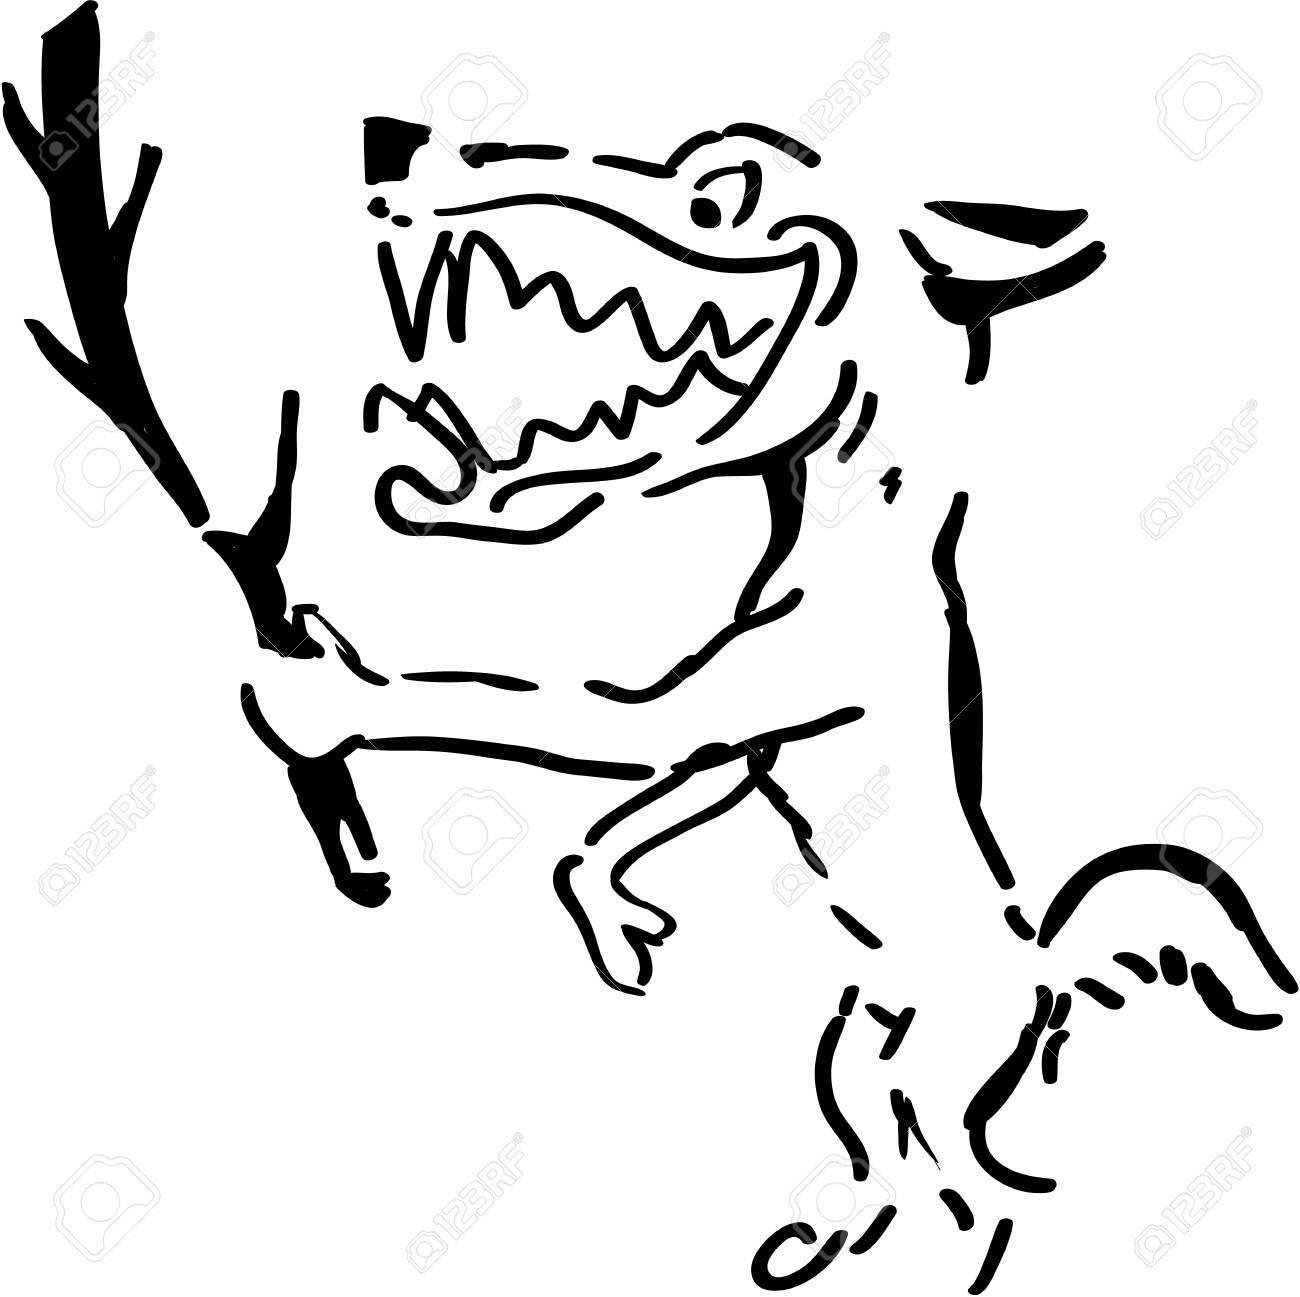 ウルフの枝黒と白のイラストを保持のイラスト素材ベクタ Image